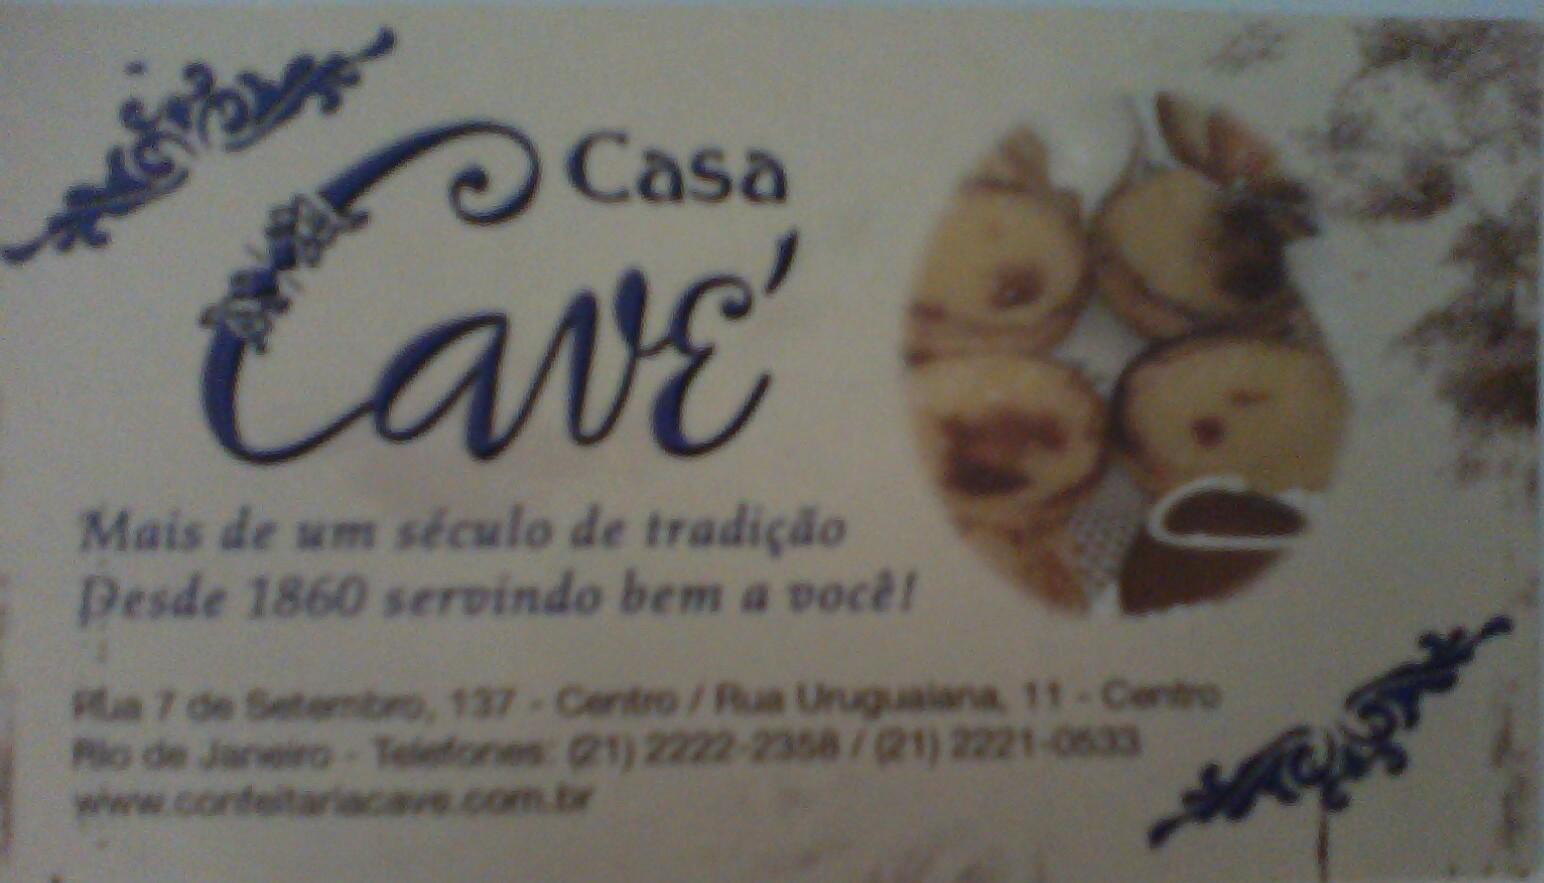 Cartão da Casa Cavé